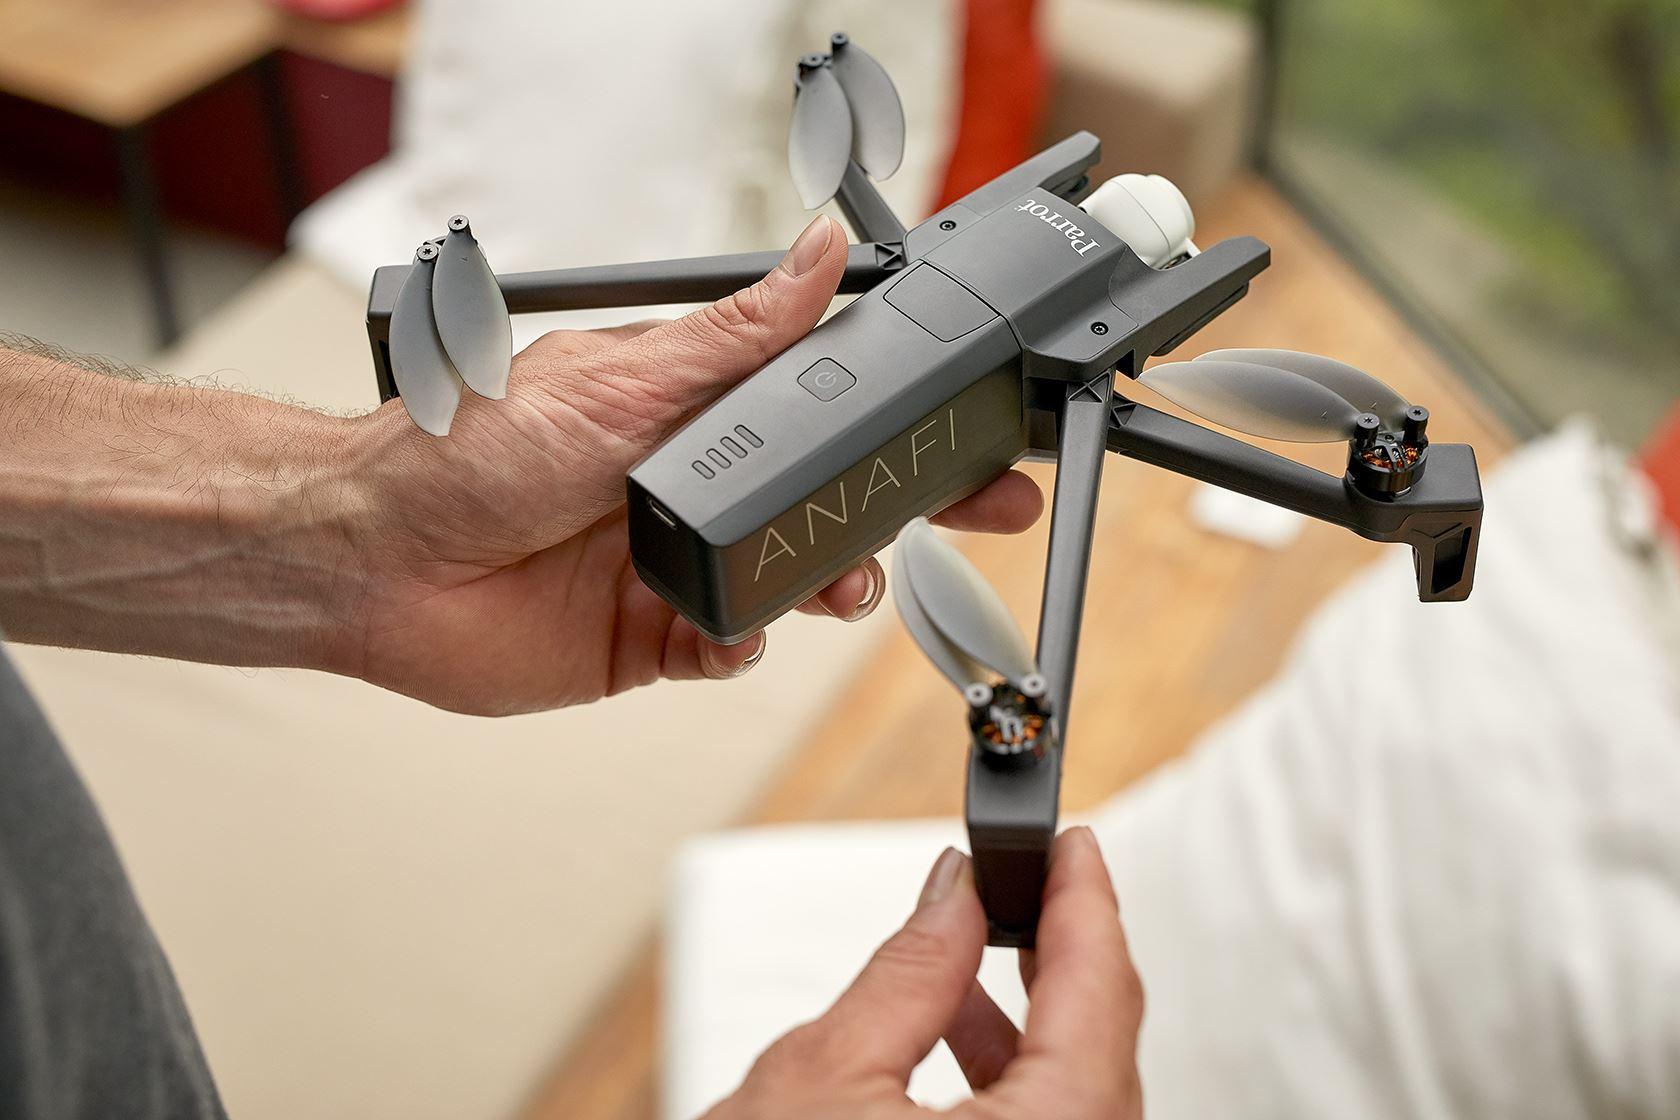 Parrot Anafi: o drone compacto e leve com câmara 4K